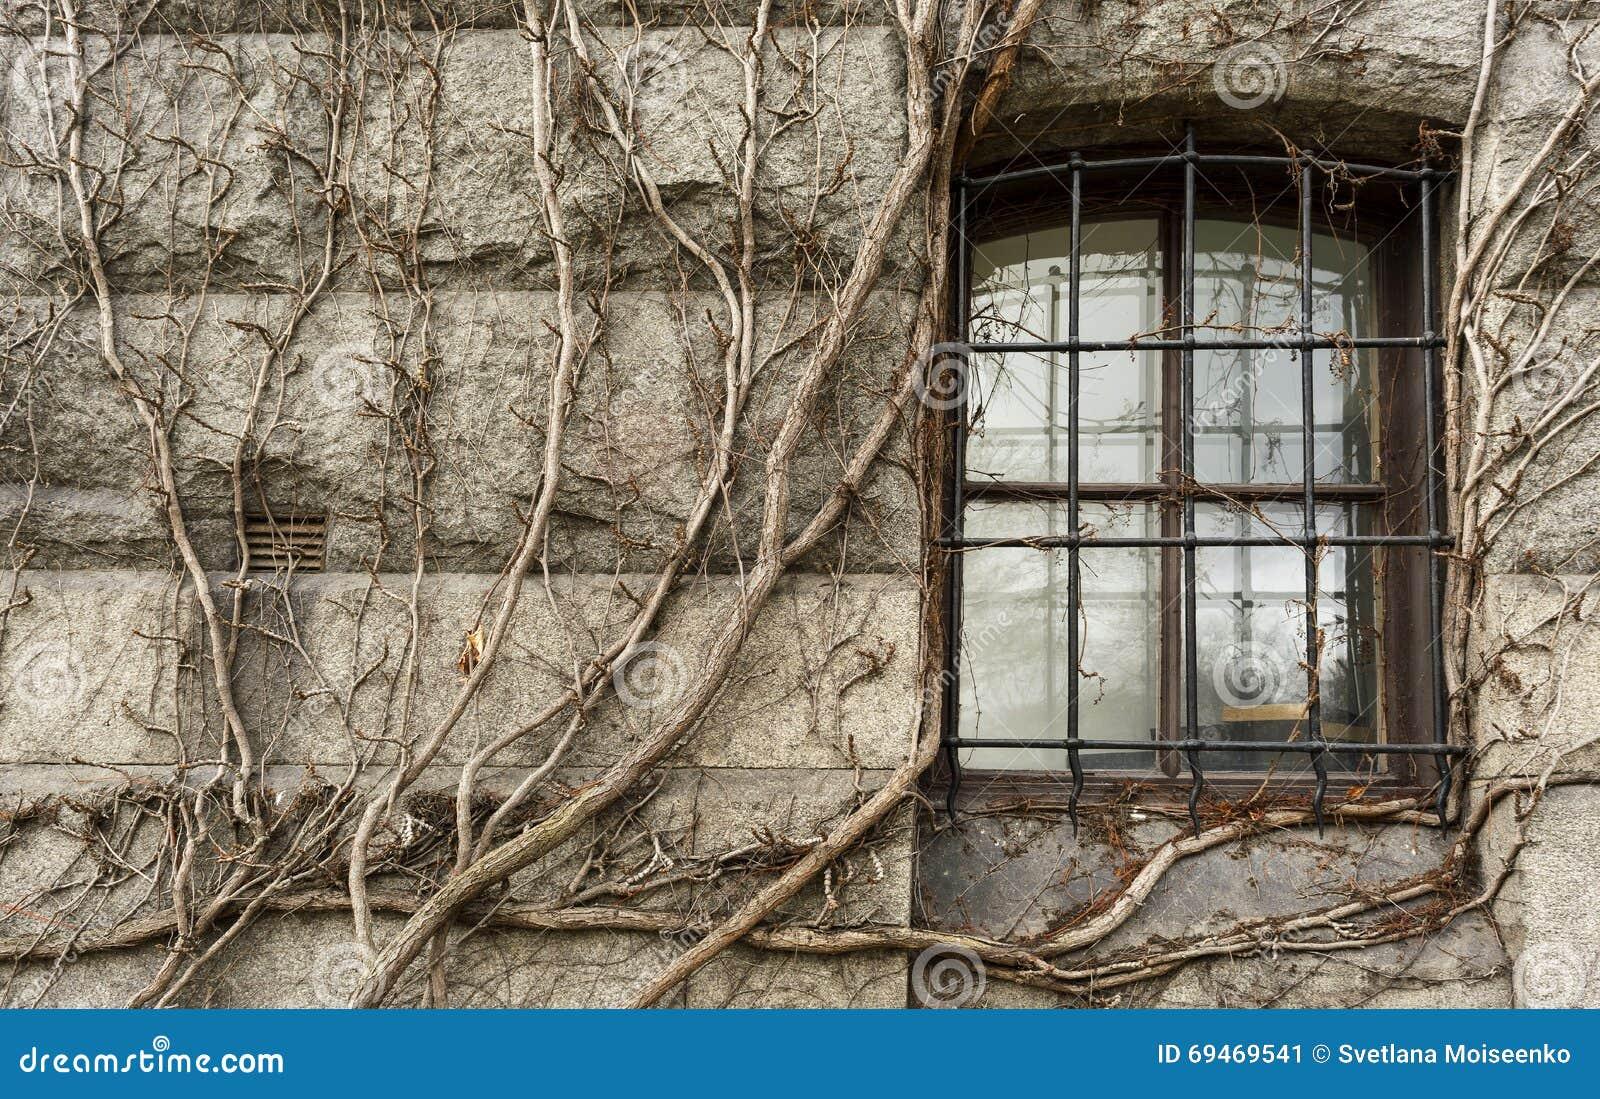 La finestra con ferro battuto in castello medievale si - Epatite c periodo finestra ...